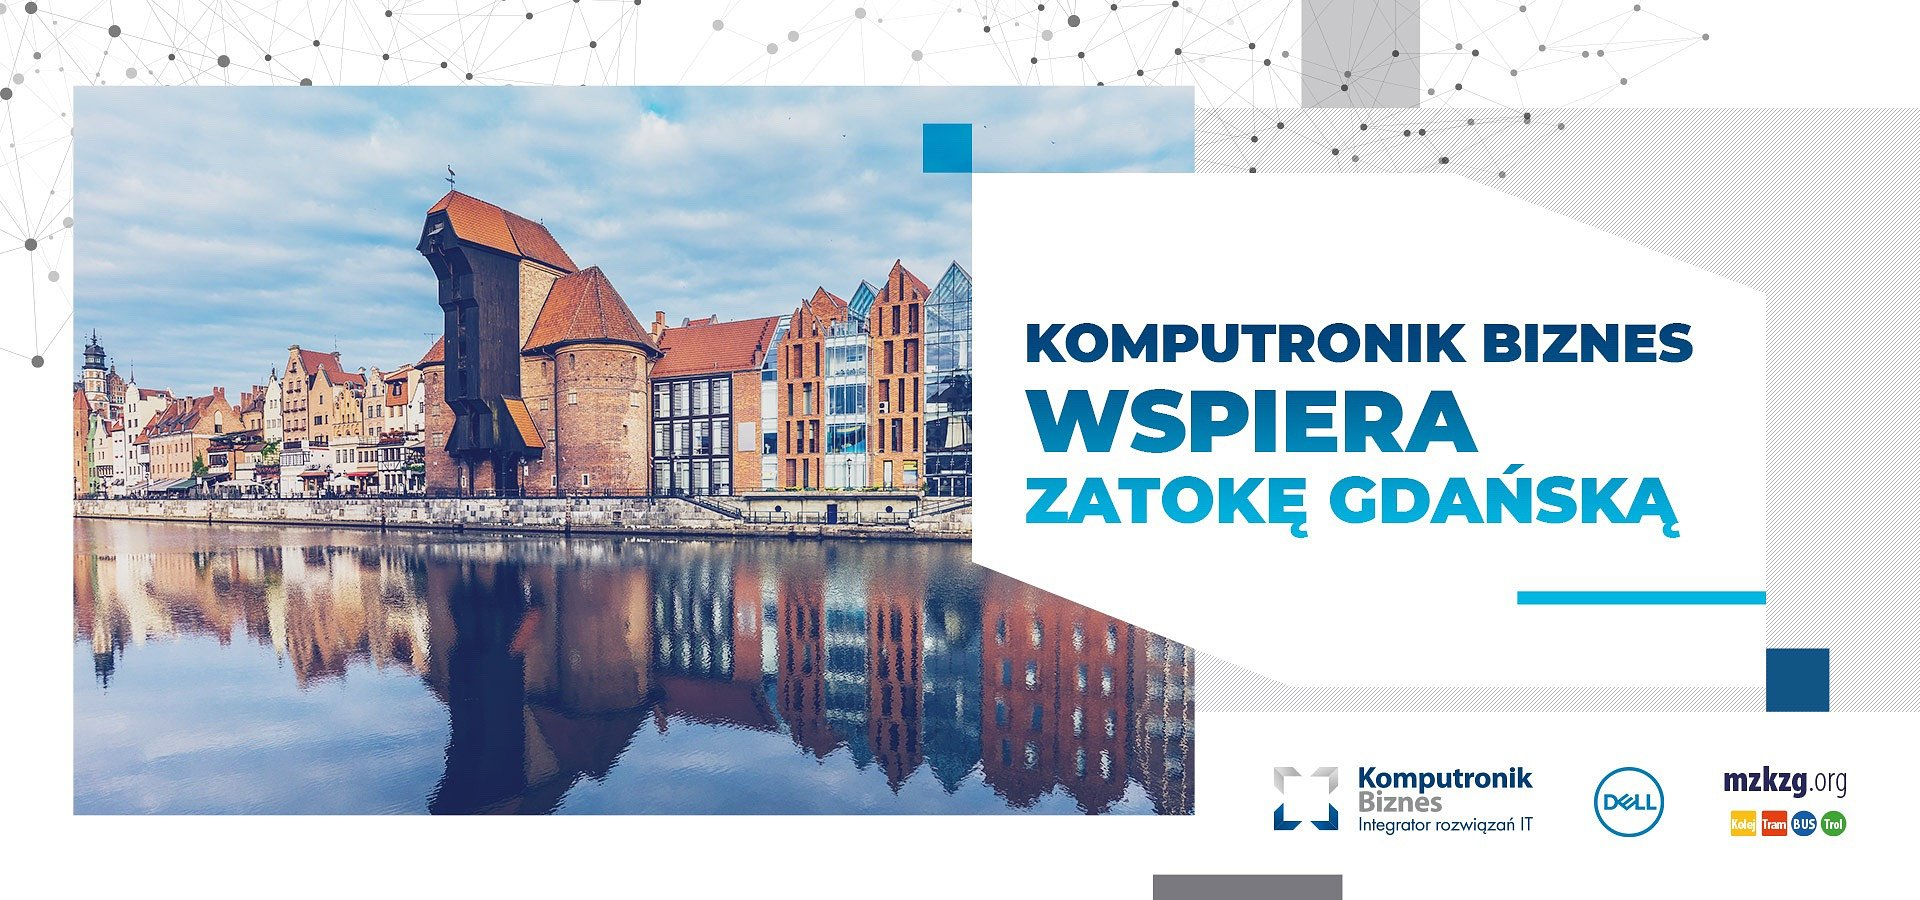 Nowoczesna technologia usprawnia komunikację mieszkańców w Metropolitarnym Związku Komunikacyjnym Zatoki Gdańskiej